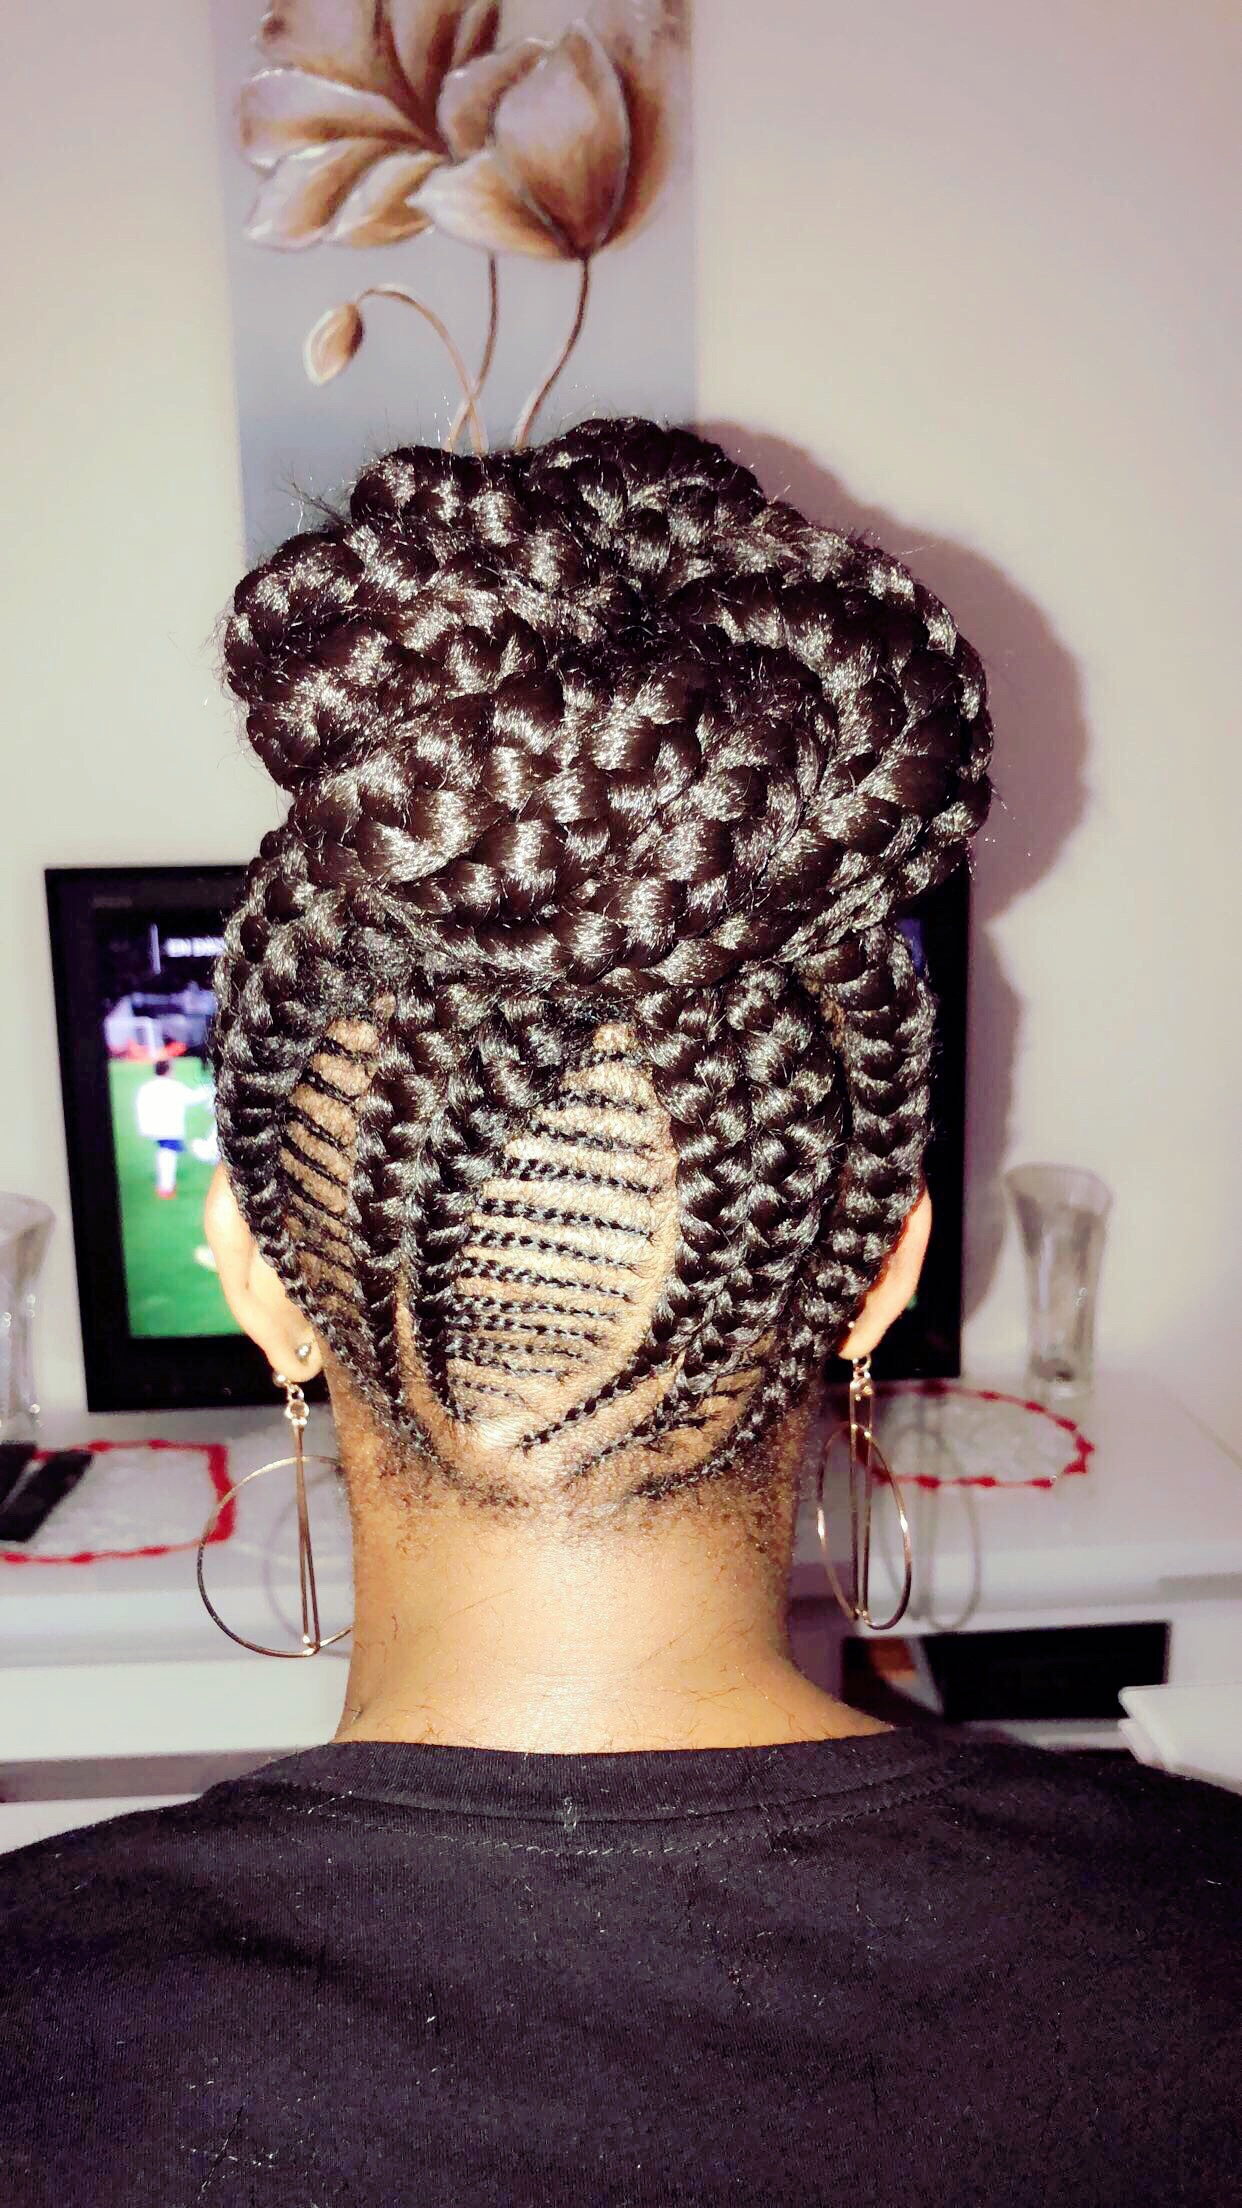 salon de coiffure afro tresse tresses box braids crochet braids vanilles tissages paris 75 77 78 91 92 93 94 95 KTJRAIOD